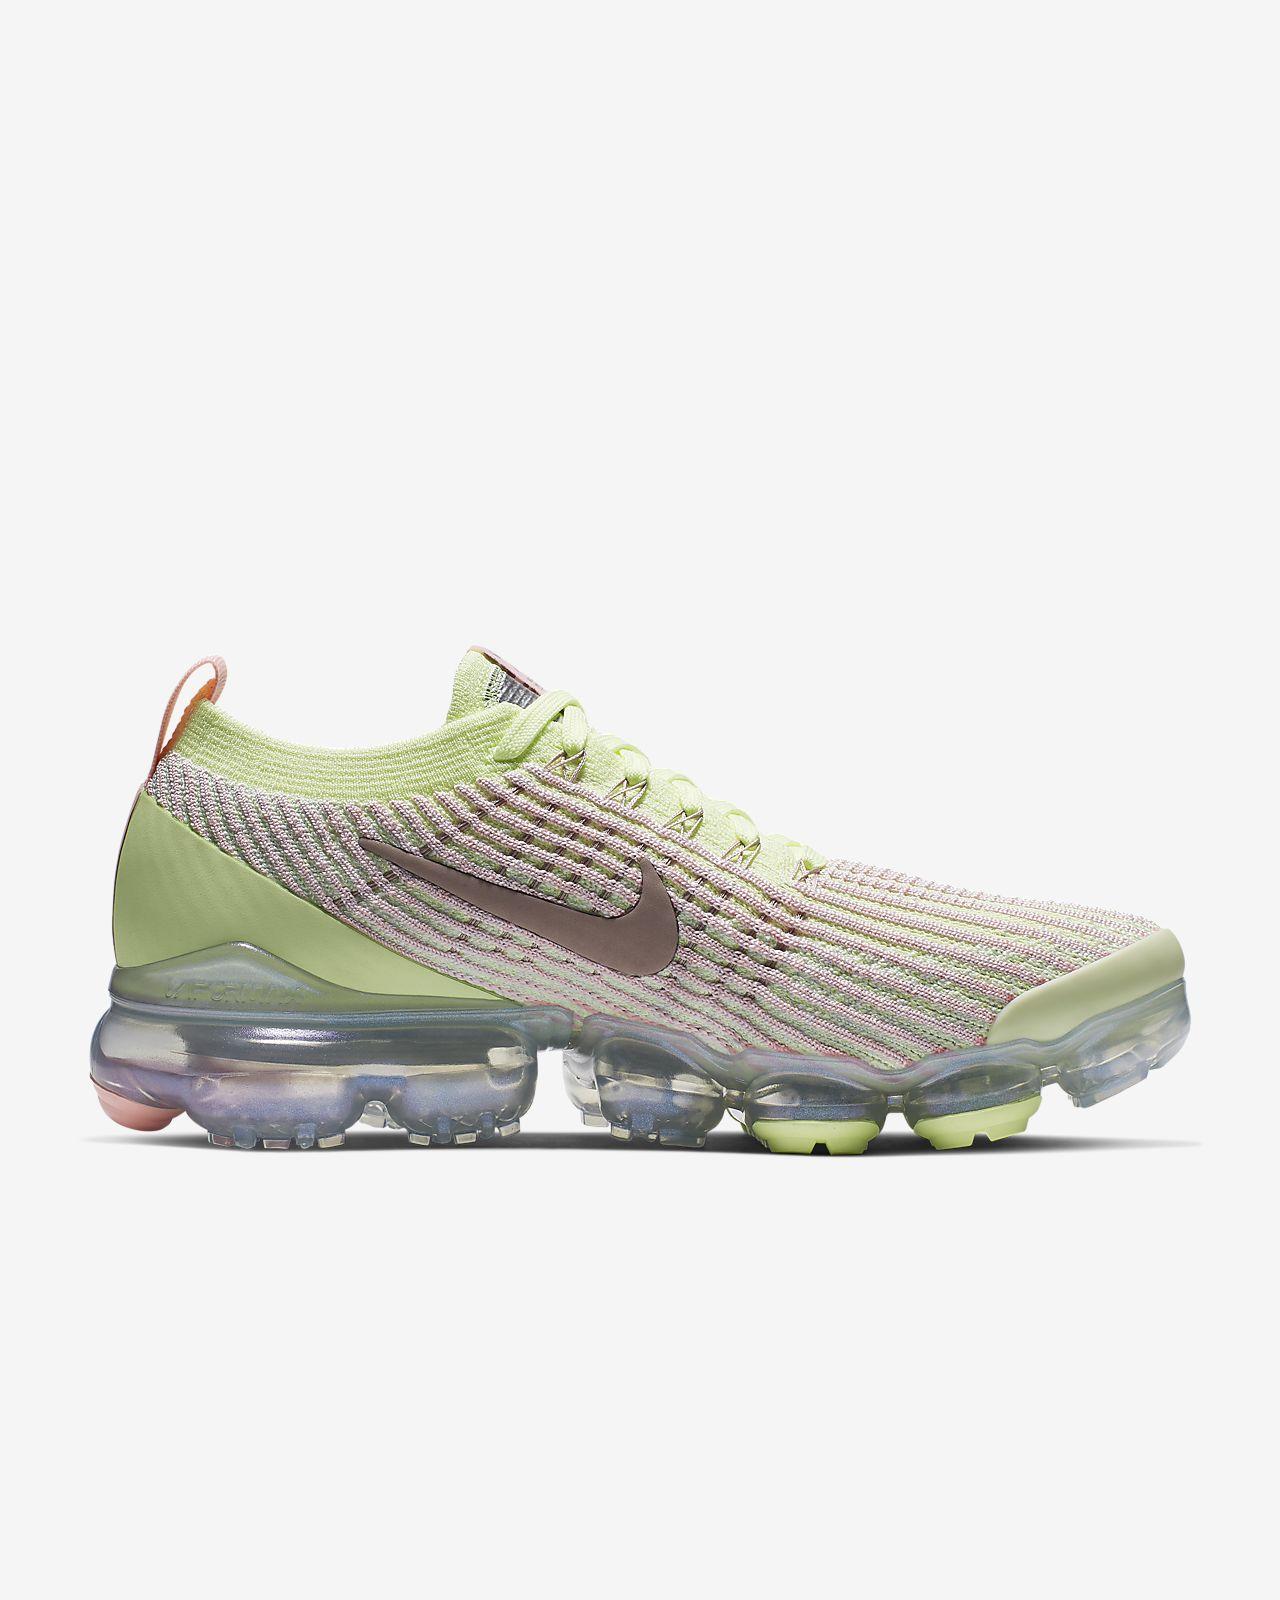 abffeef7e2a Nike Air VaporMax Flyknit 3 Women s Shoe. Nike.com GB